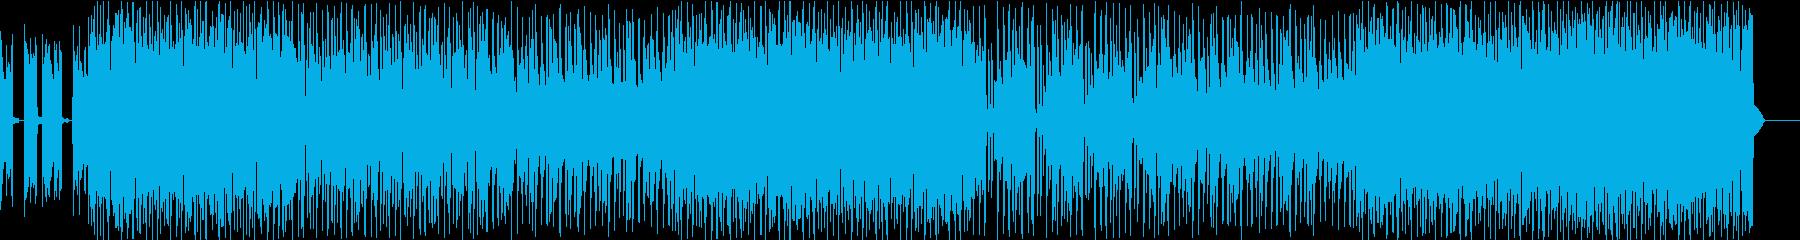 軽快な、明るい感じのポップスインストの再生済みの波形